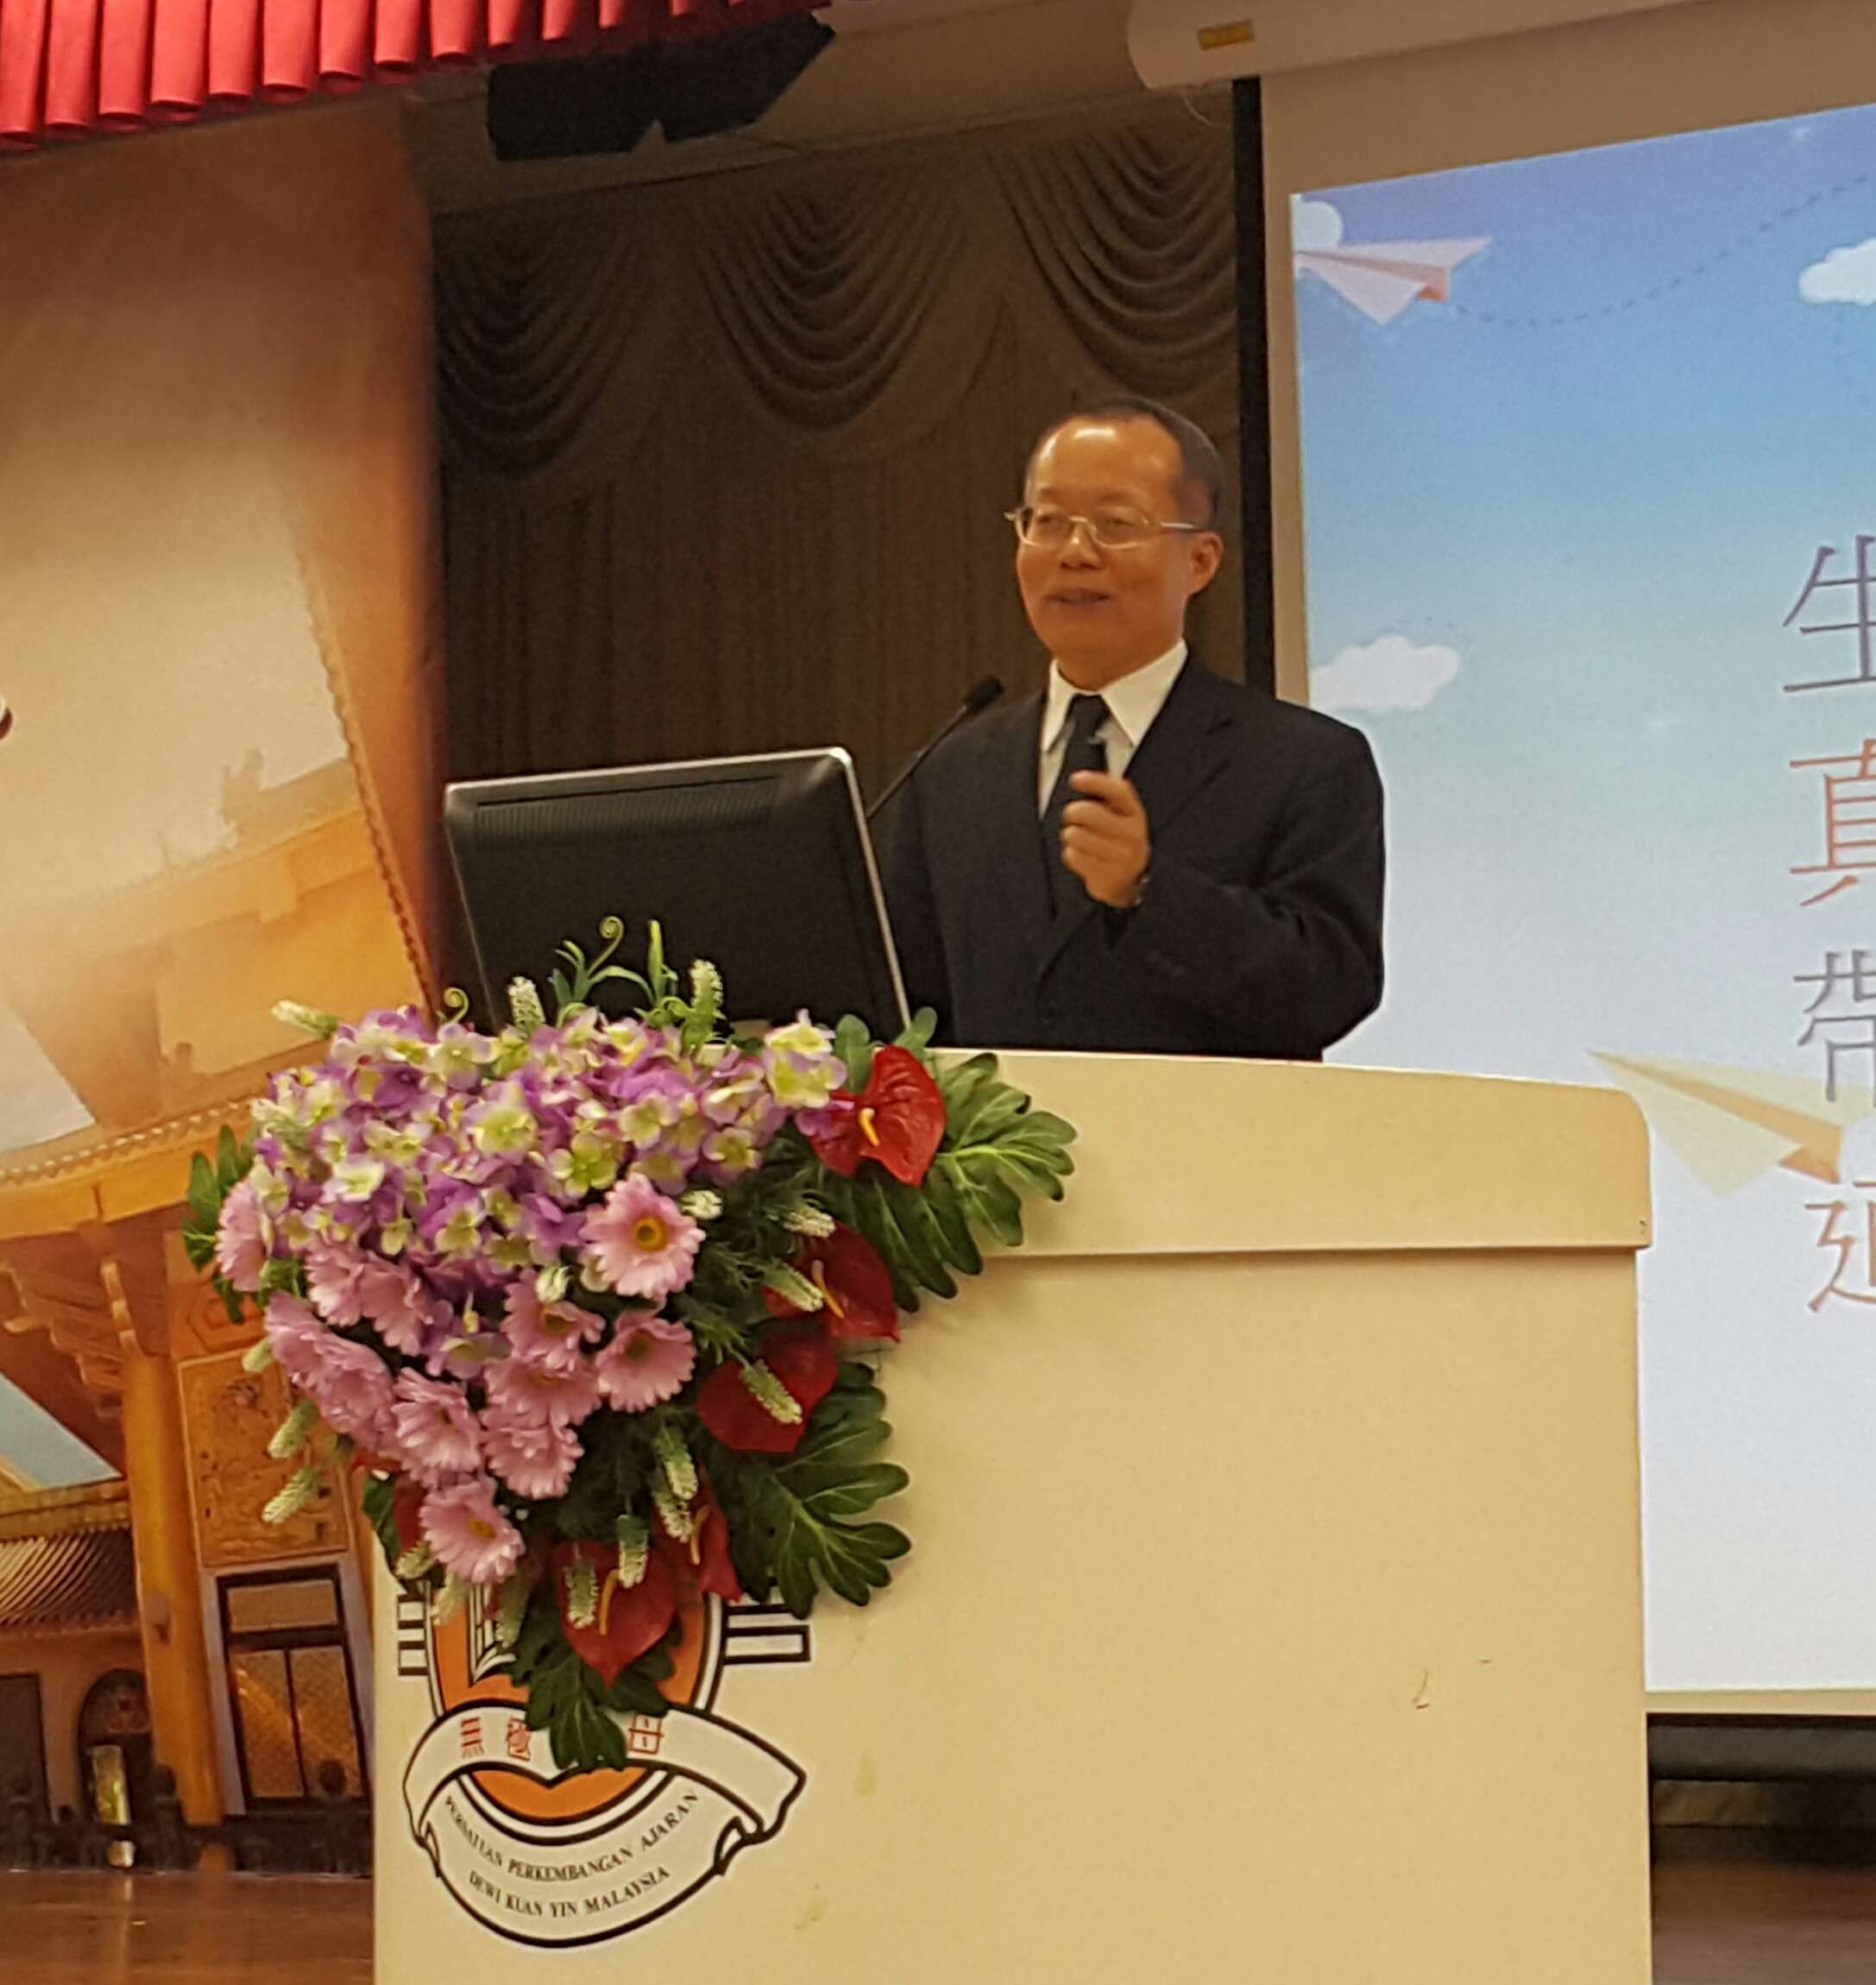 2016 0625馬來西亞一貫道總會道學講座,李玉柱理事長主講